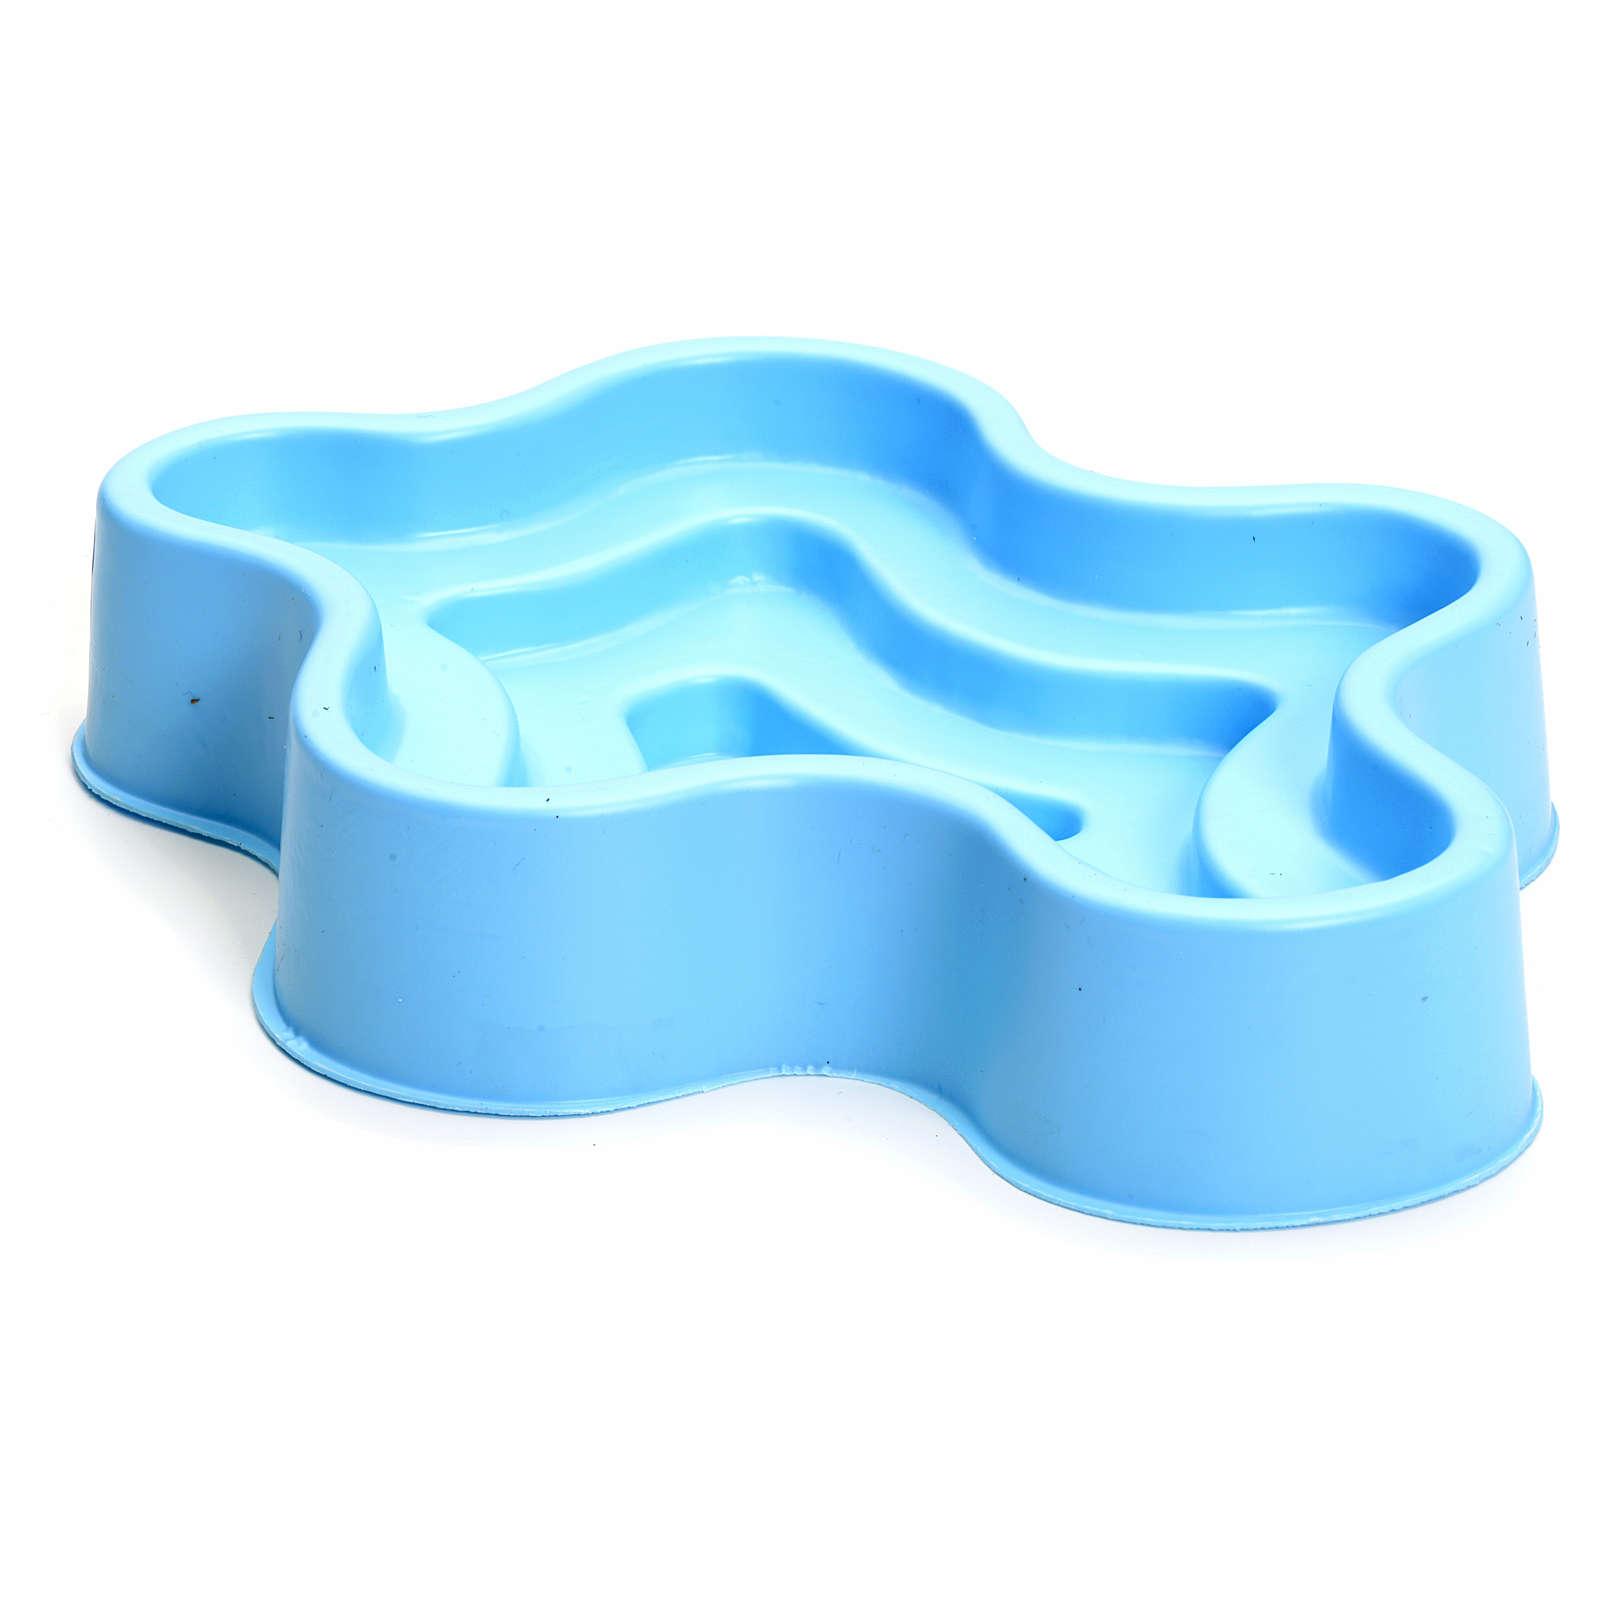 Jeziorko zbiornik błękitny z plastiku szopka 4